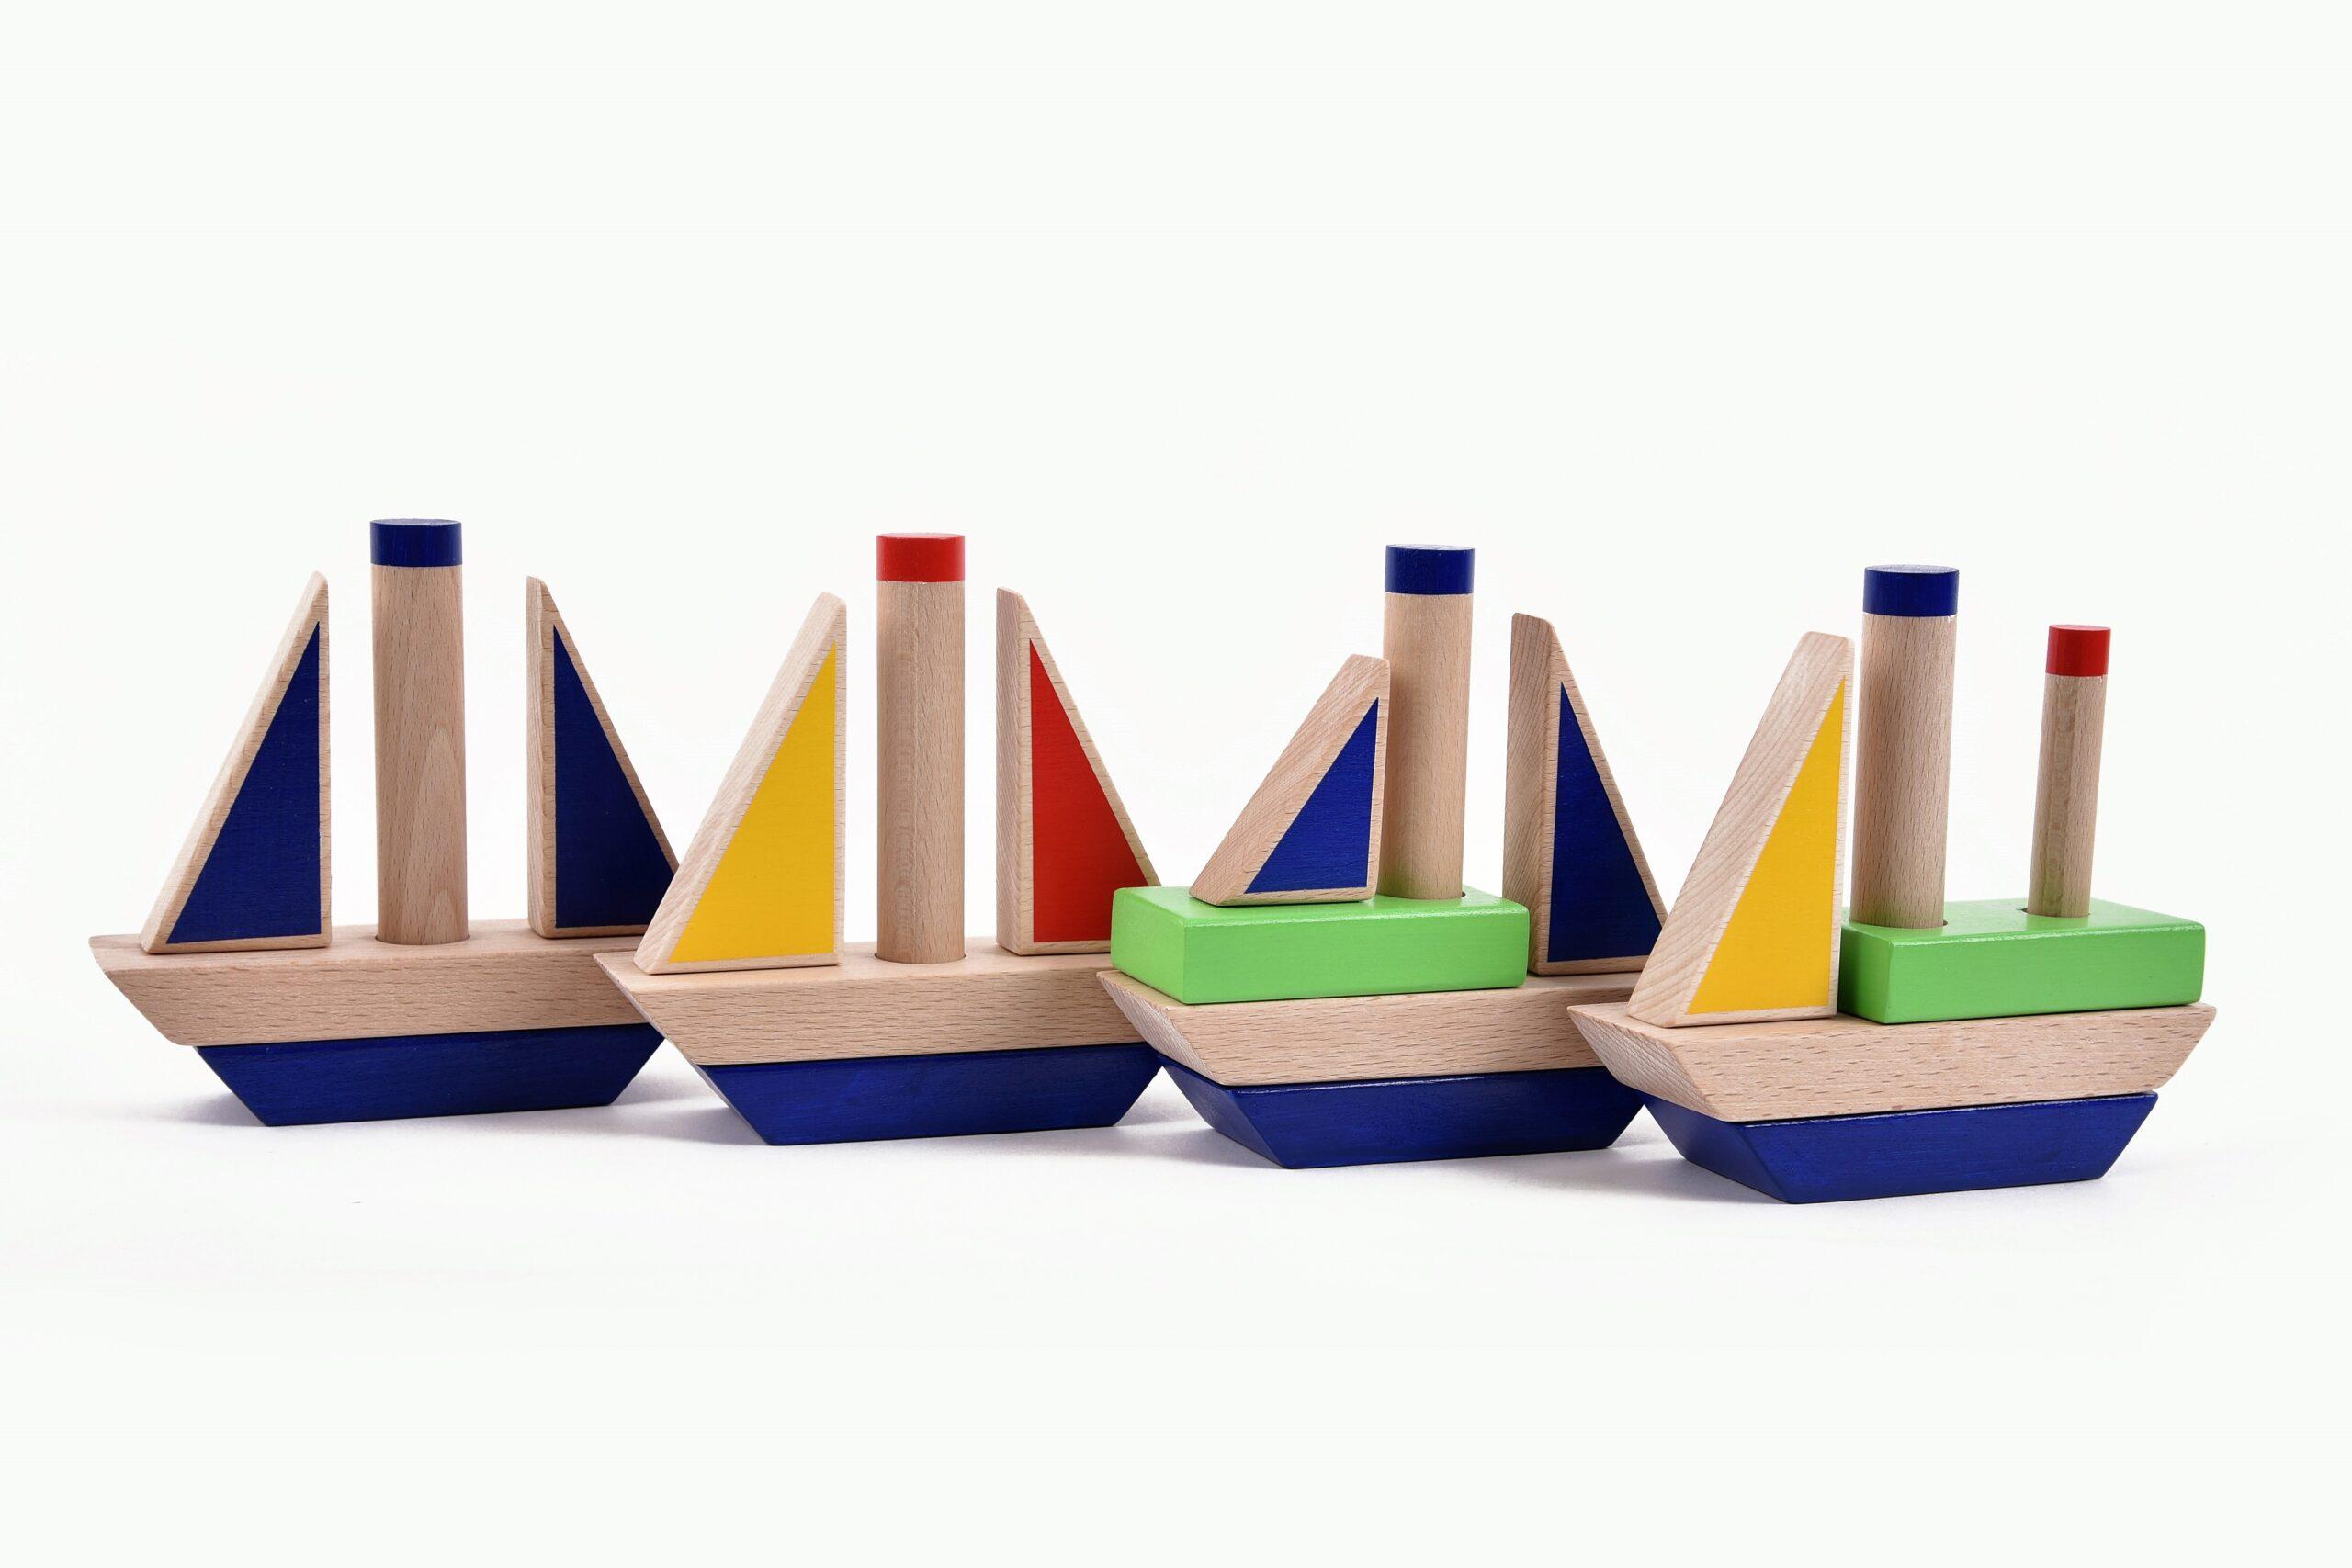 Chytrá skládací lodička